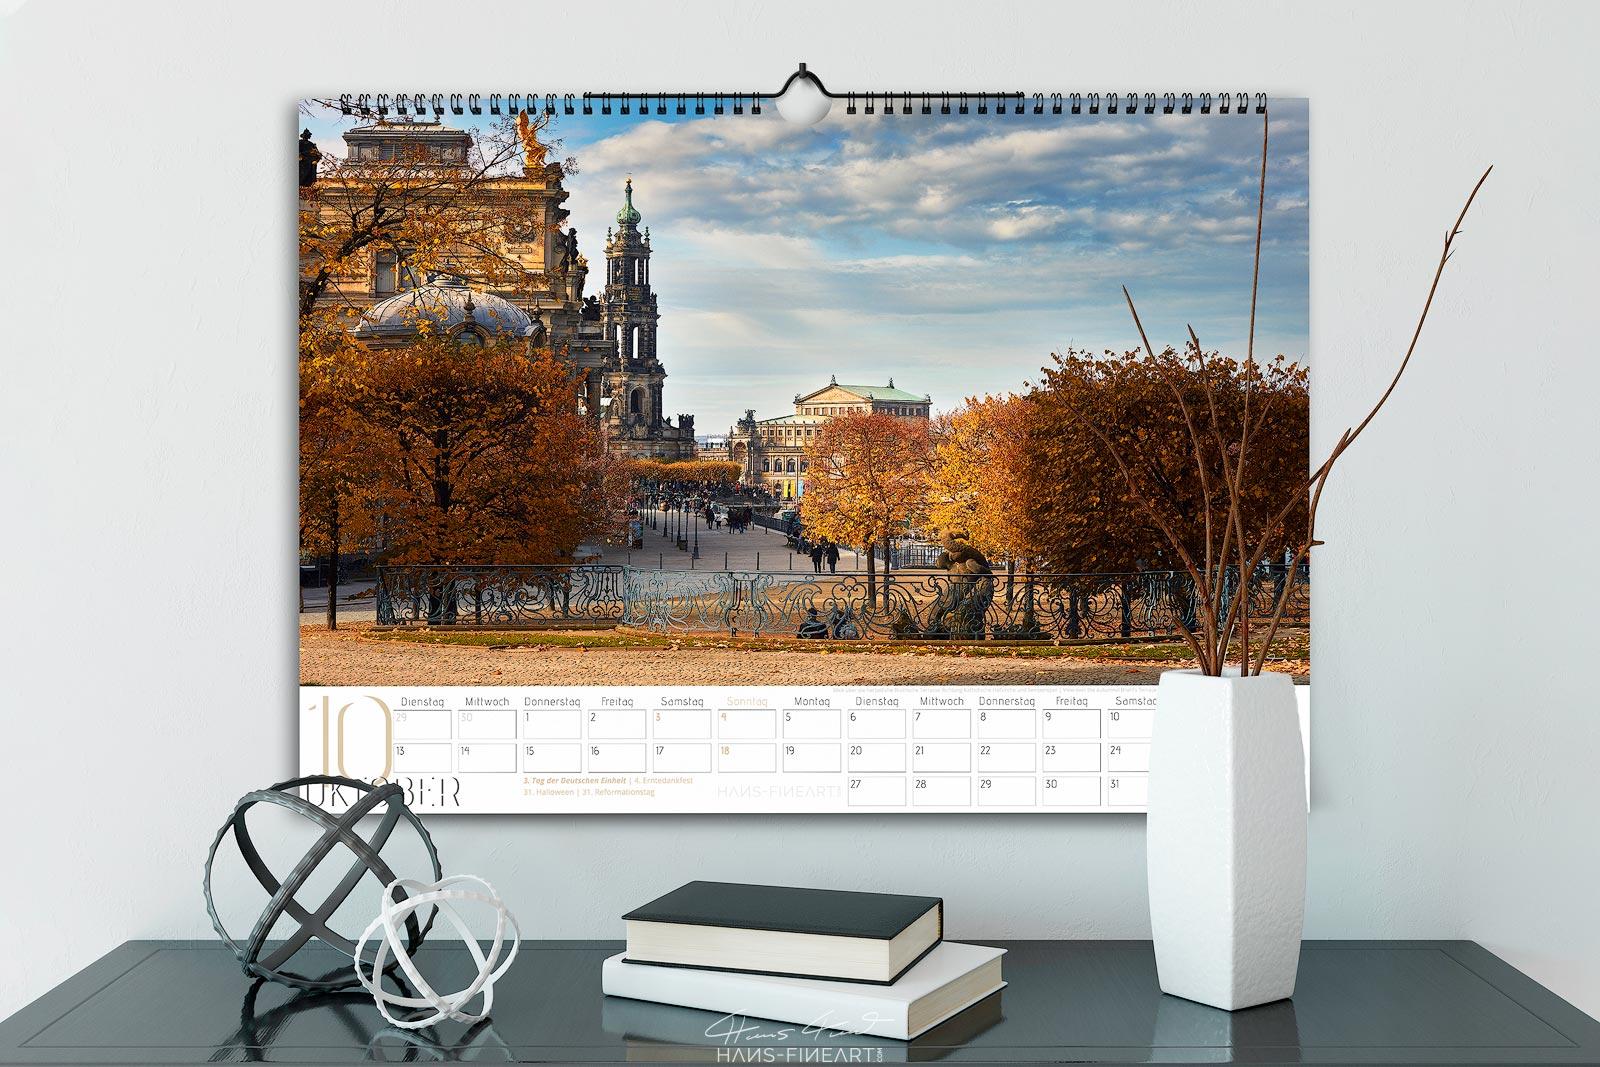 Monatsbild Oktober vom Wandkalender Dresden Im Wandel der Jahreszeiten 2020. Blick entlang der Brühlschen Terrasse Richtung Hofkirche und Semperoper.